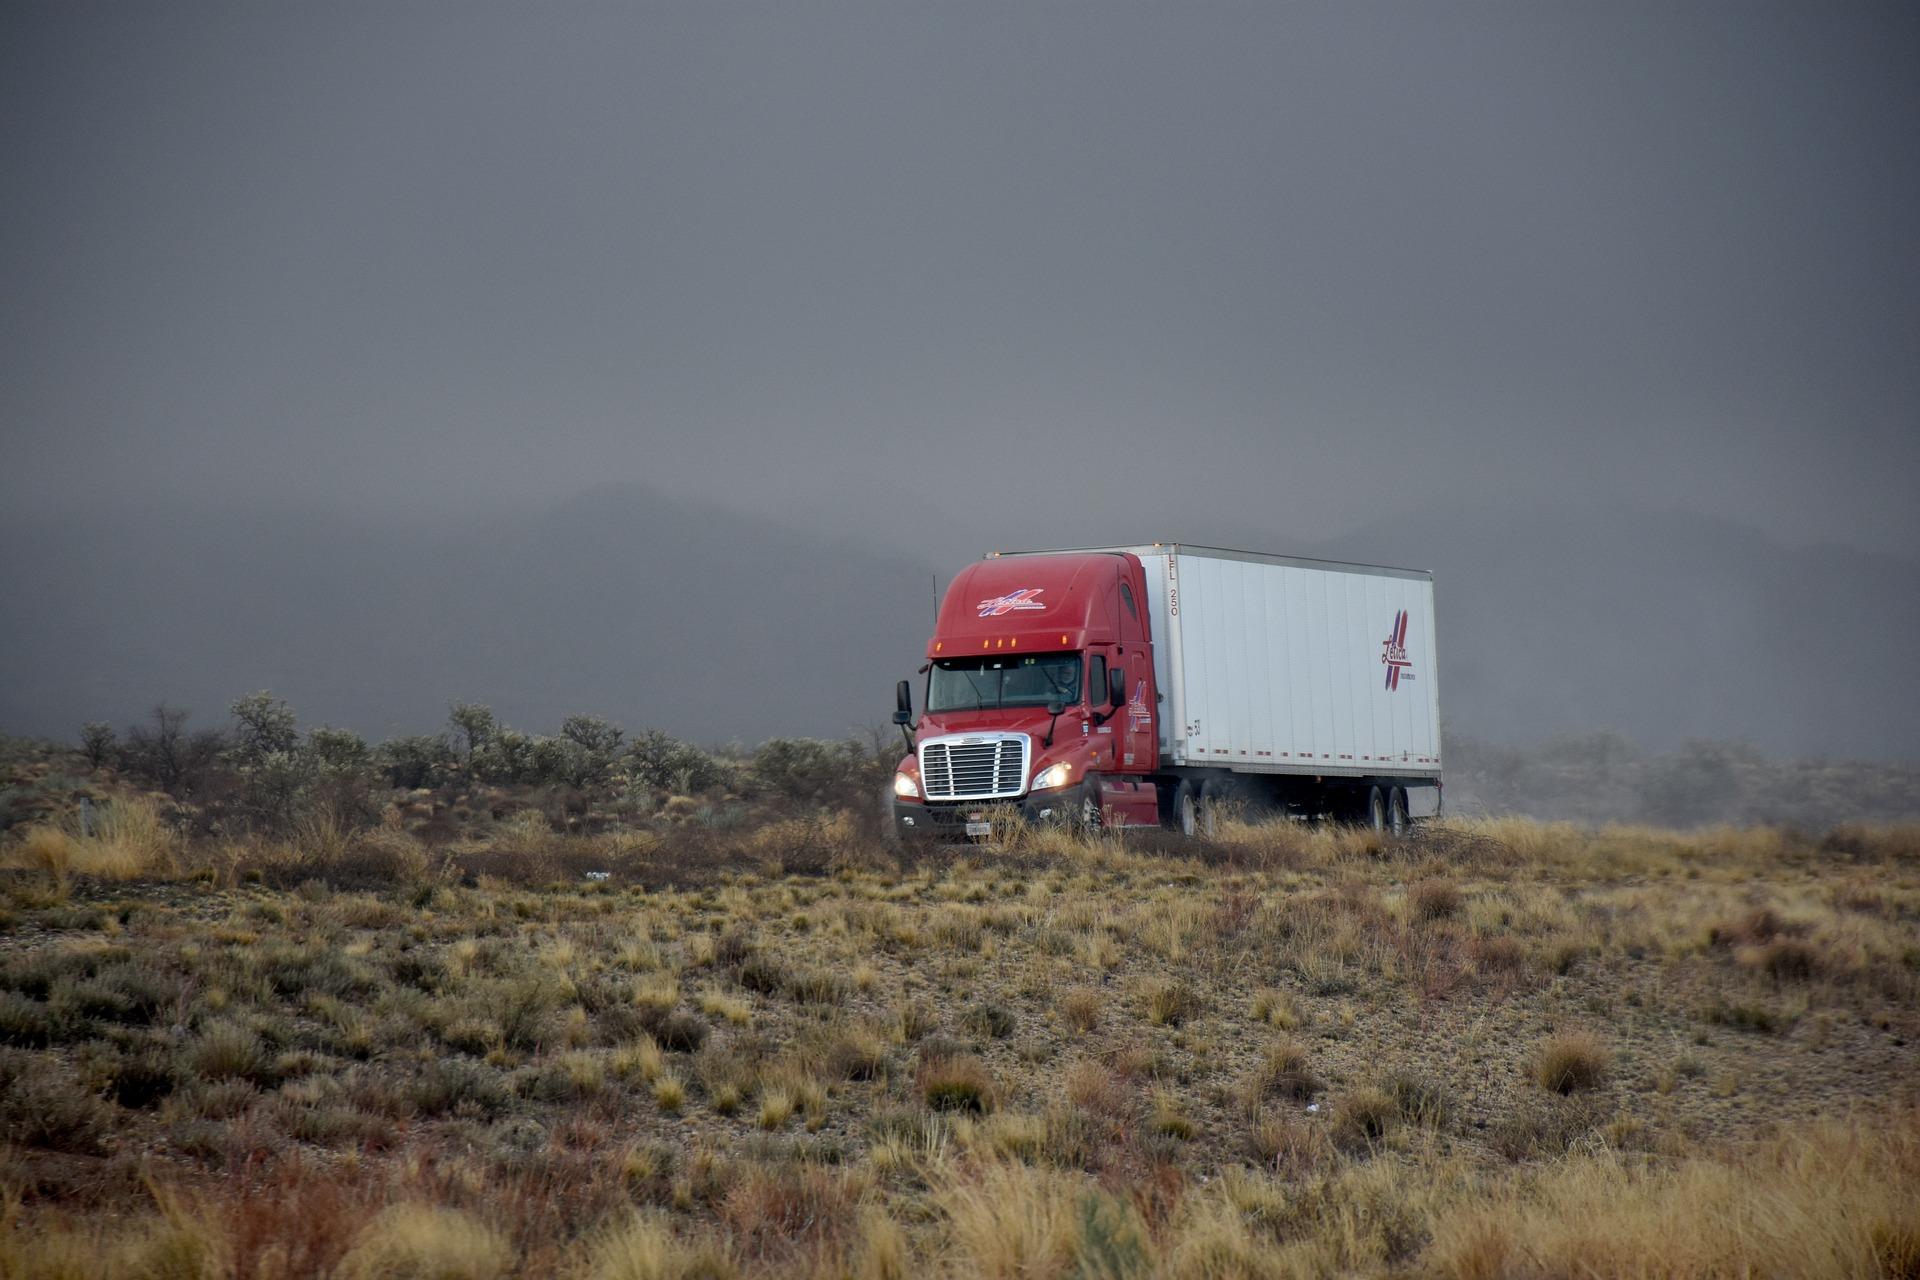 Semi-truck driving